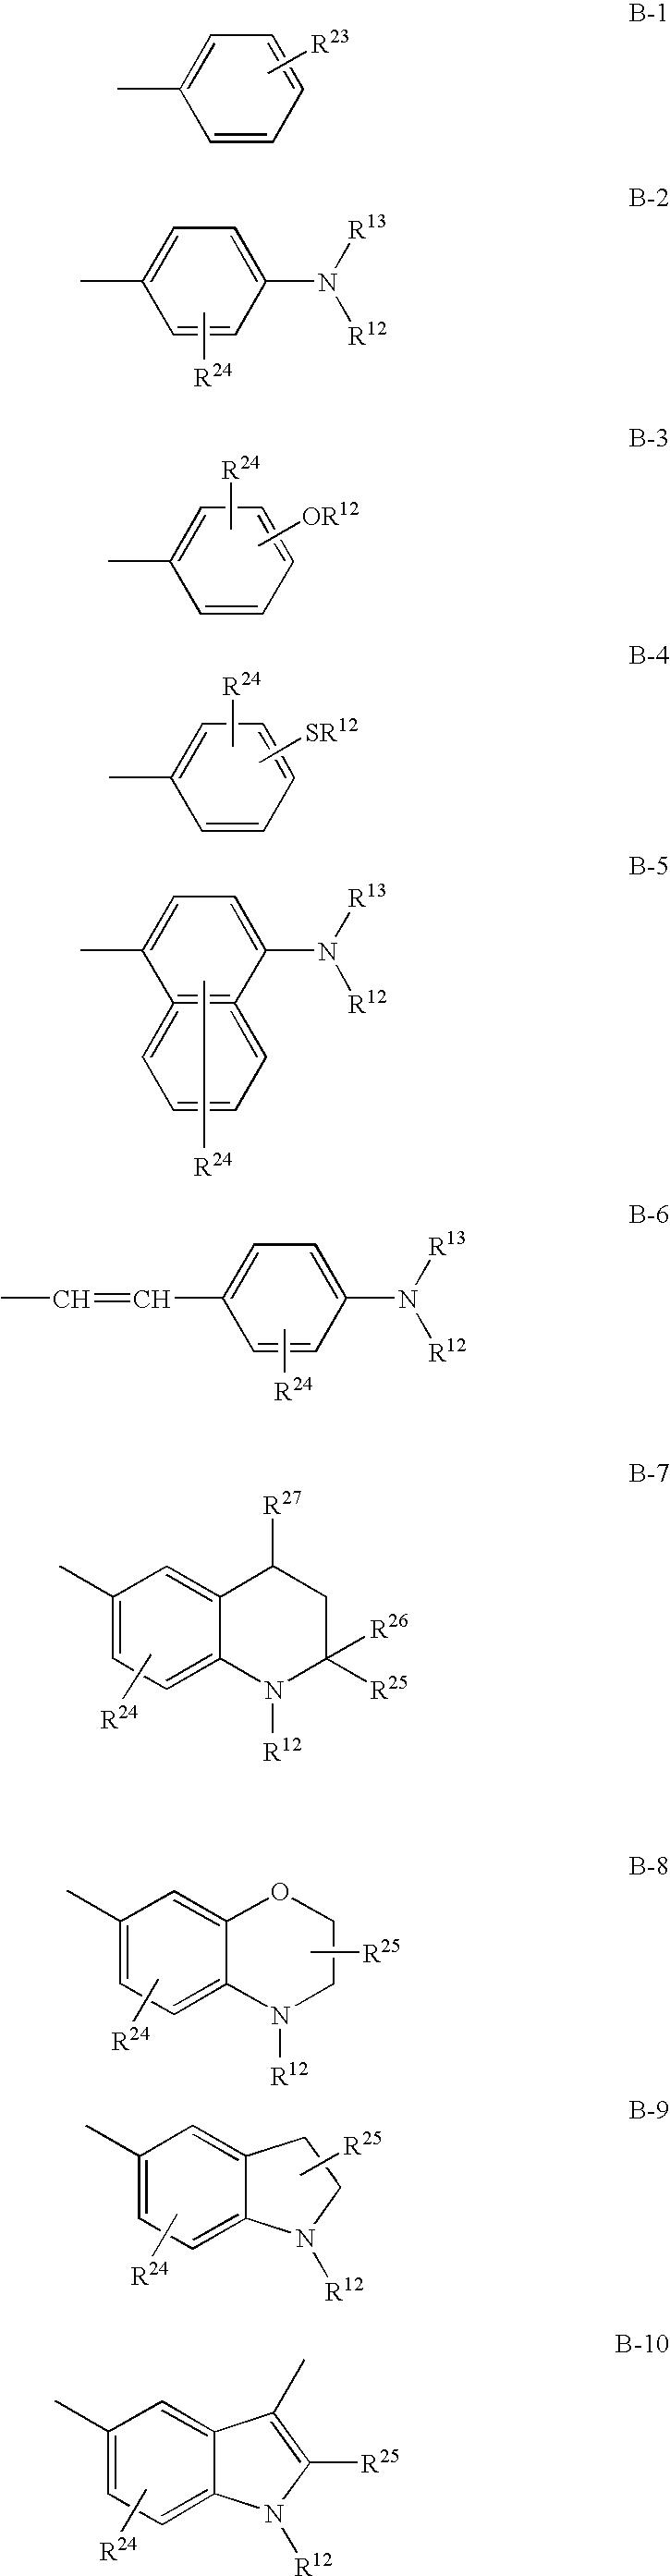 Figure US20070287822A1-20071213-C00059